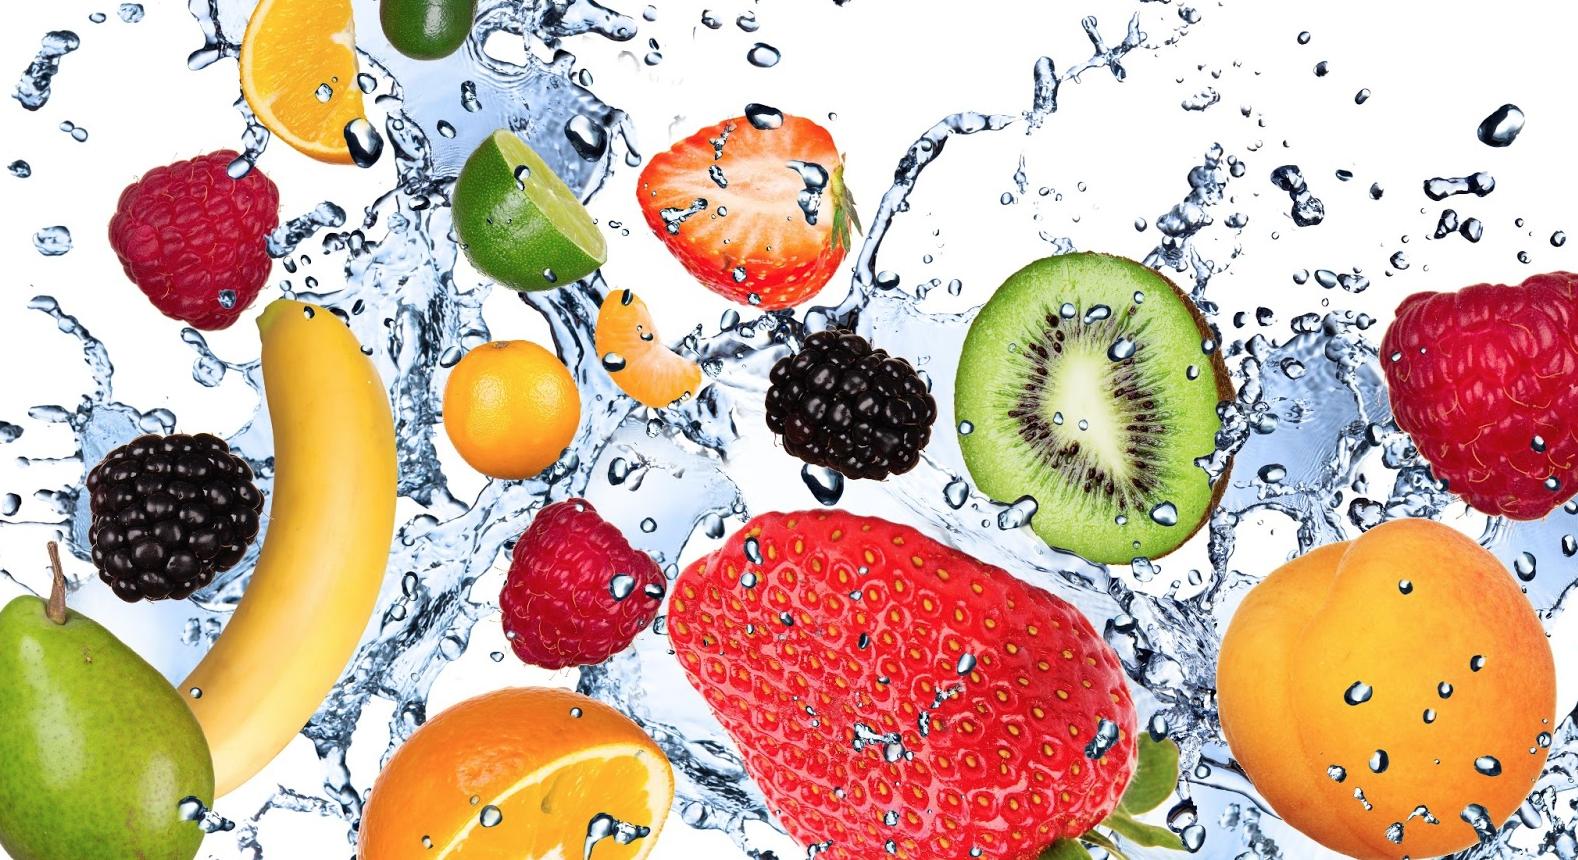 dieta depurativa per il fegato